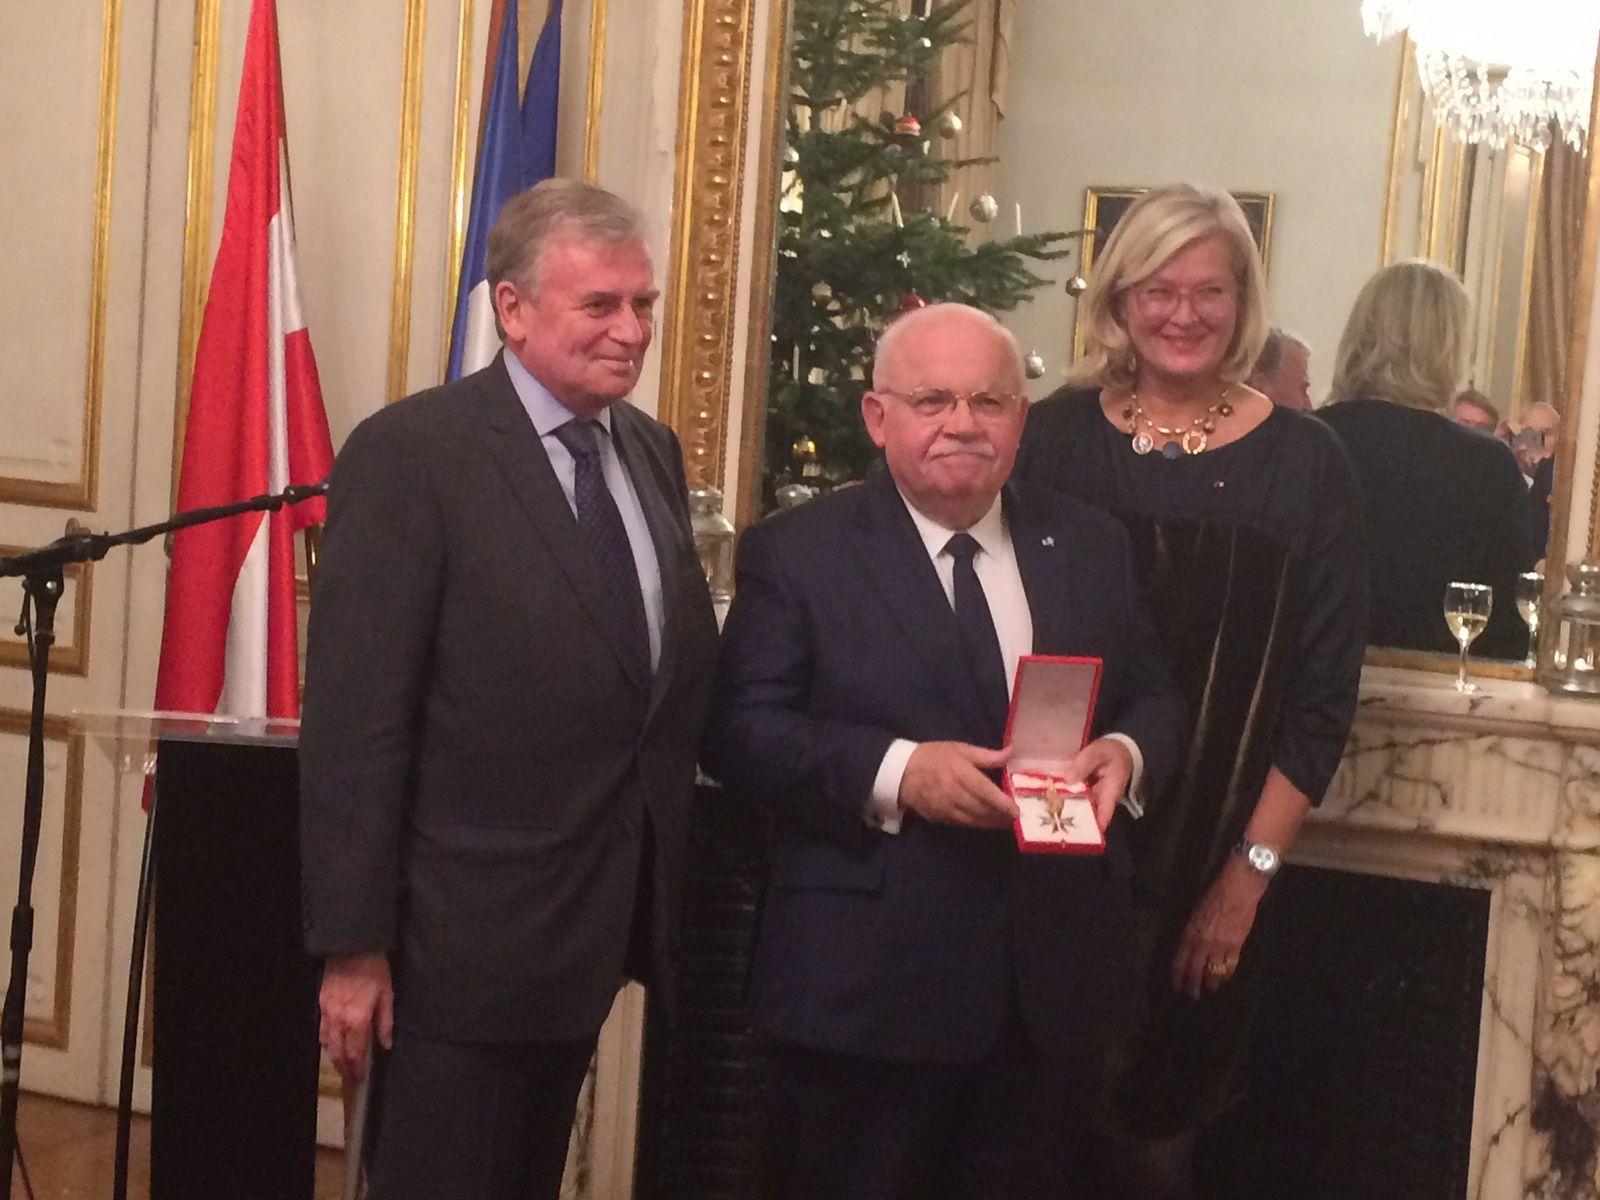 Remise à l'ambassade d'Autriche du Grand Insigne d'Honneur en Or pour services rendus à la République d'Autriche